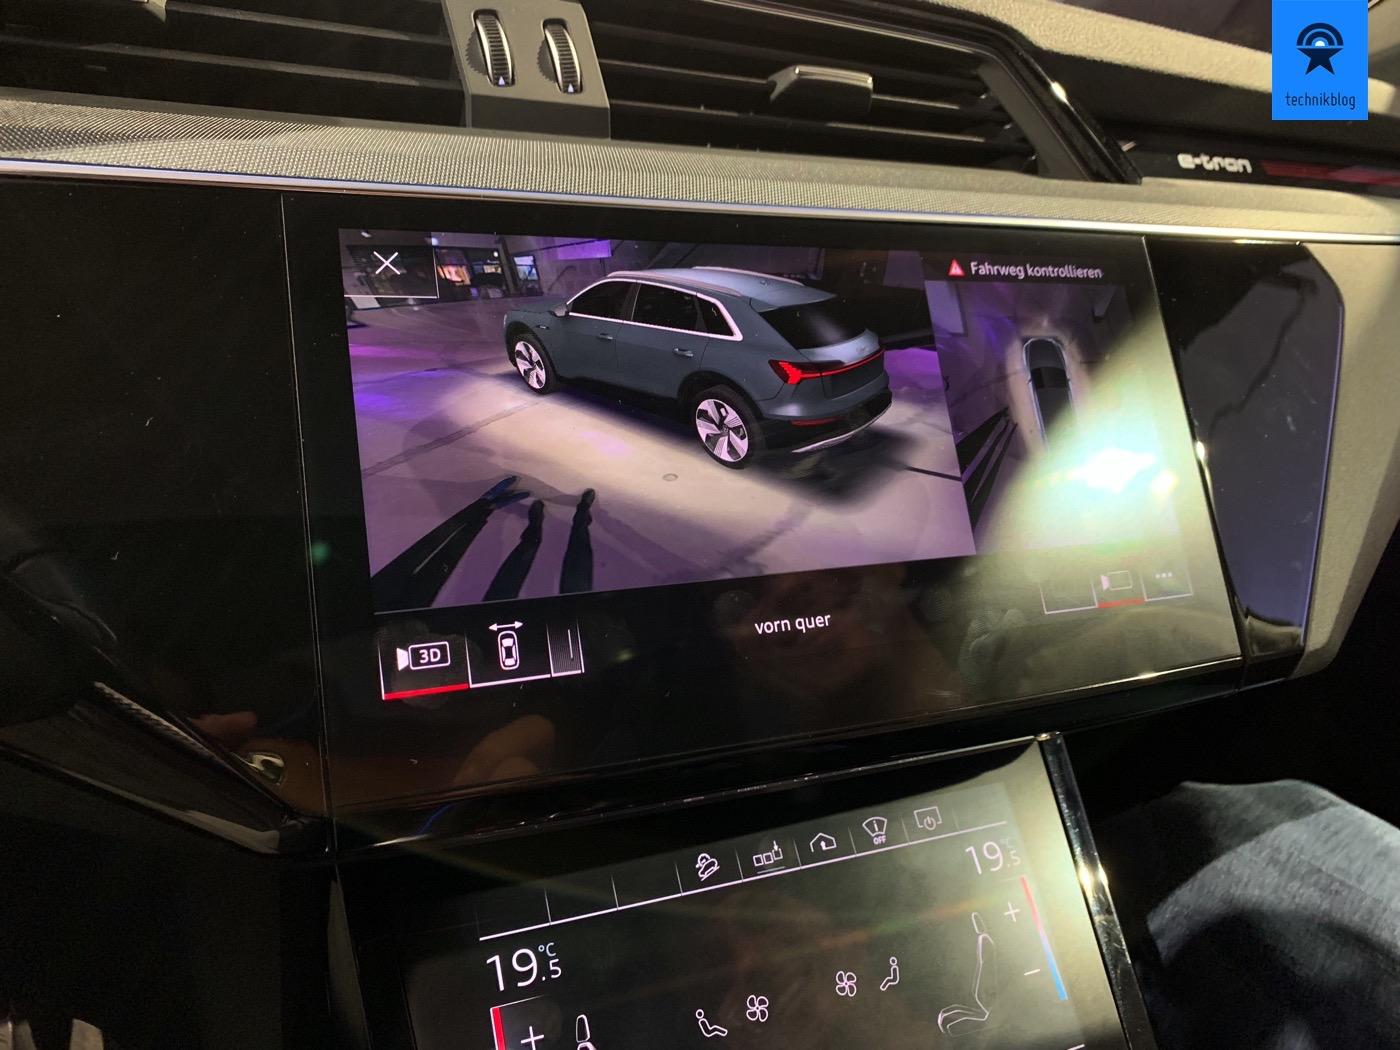 3D Parksensor Darstellung dank Kameras rund um das Auto